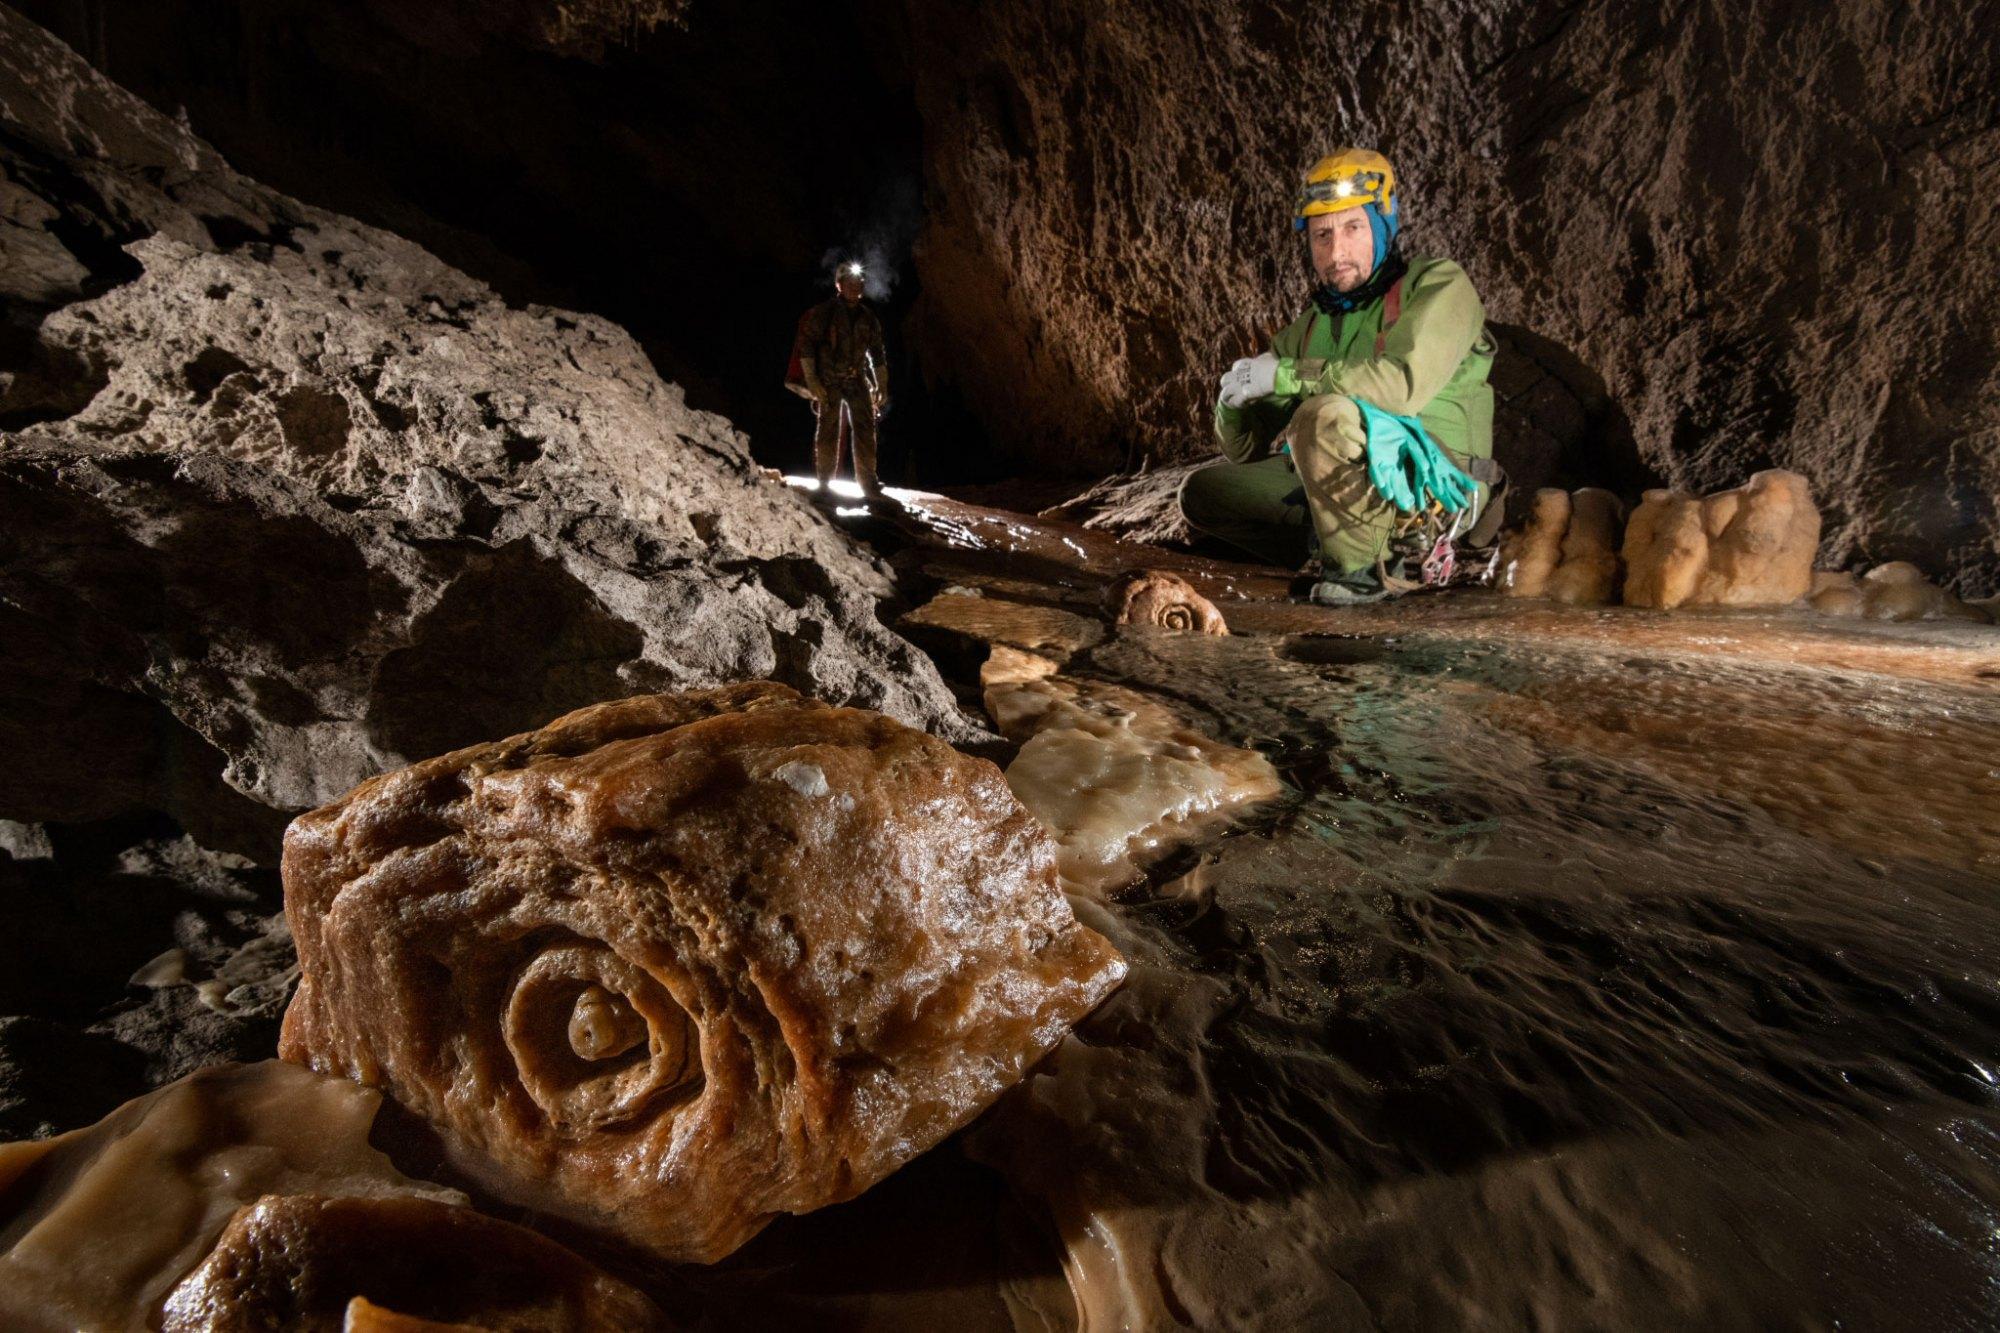 原创             全球最深的洞:深2212米135公里长,普通人进去基本就很难出来